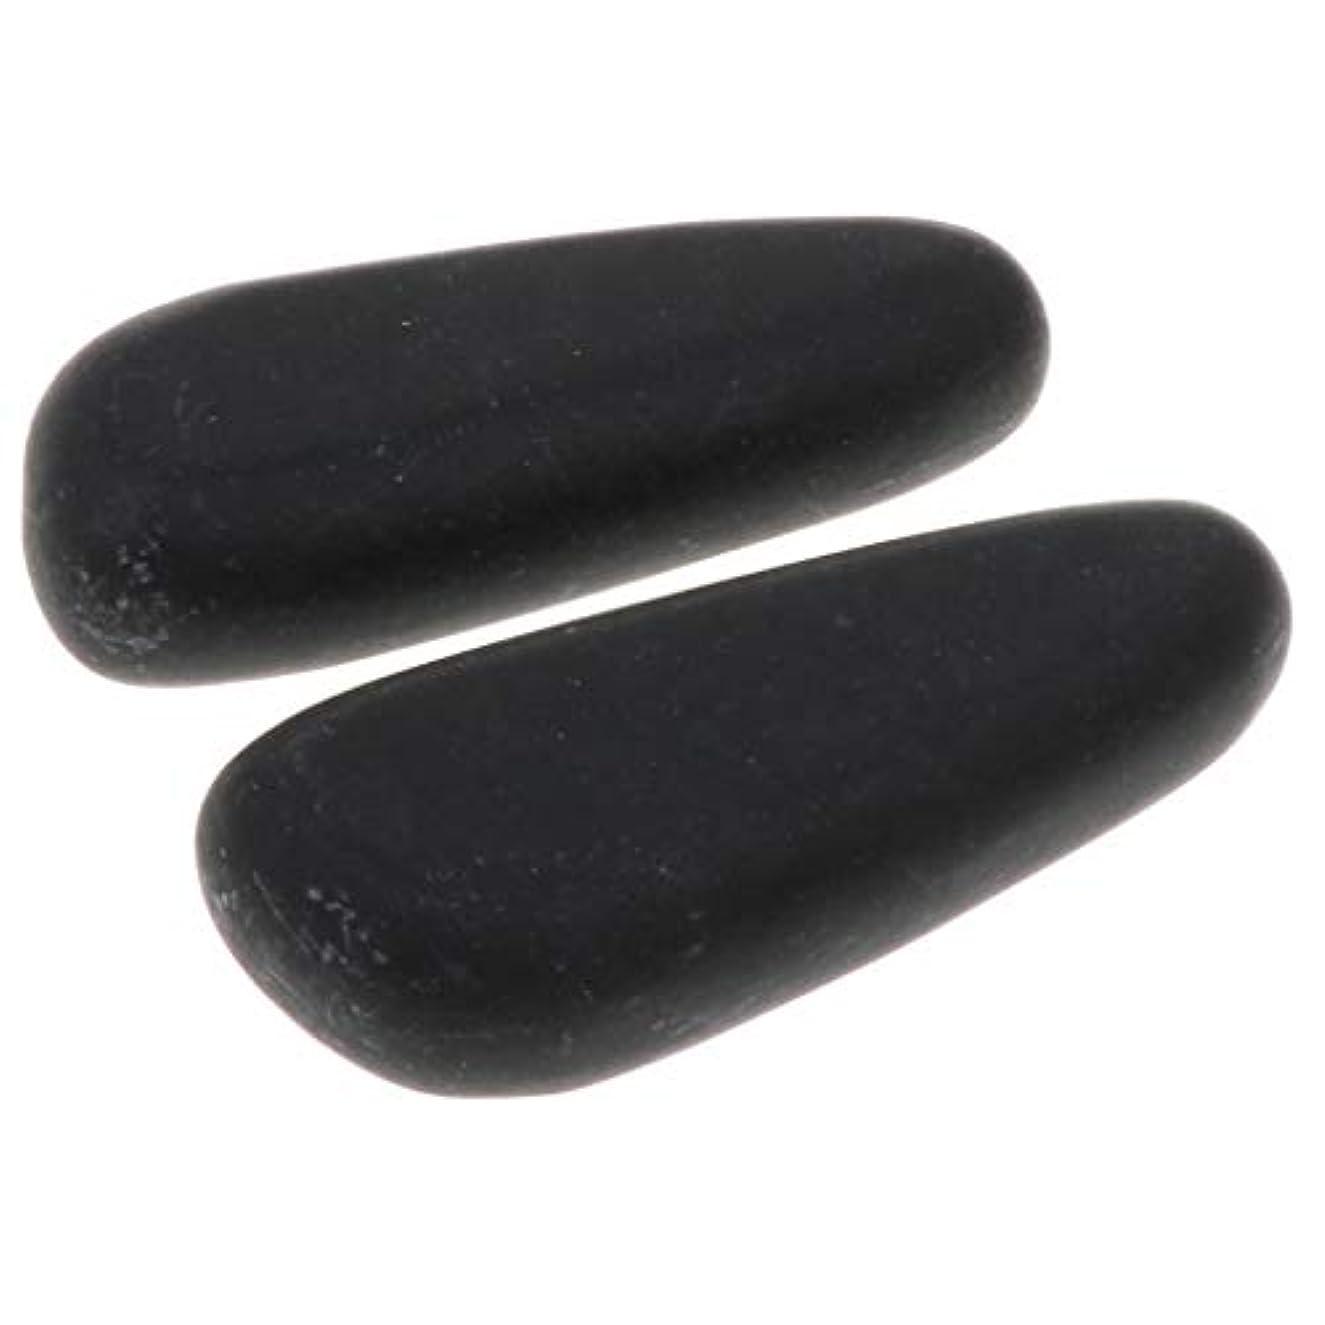 デイジーコメント失敗Fenteer 全2サイズ ホットストーン マッサージ石 マッサージストーン 玄武岩 ボディマッサージ スパ 2個入 - 8×3.2×2cm